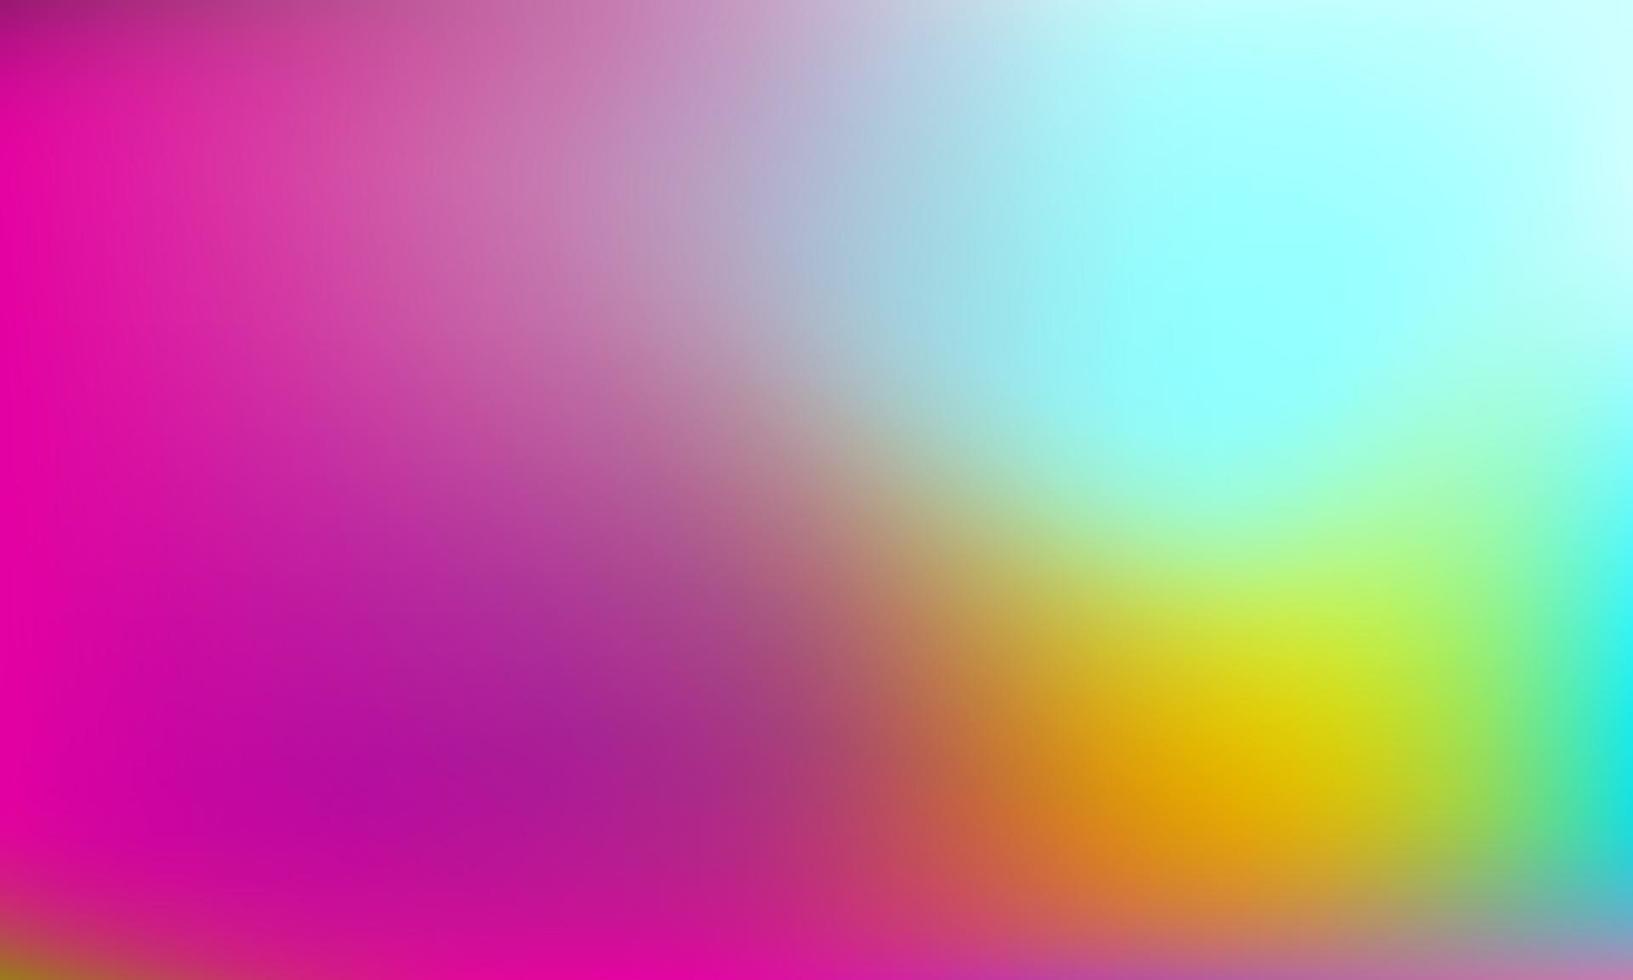 abstracte holografische achtergrond met pastelkleuren vector